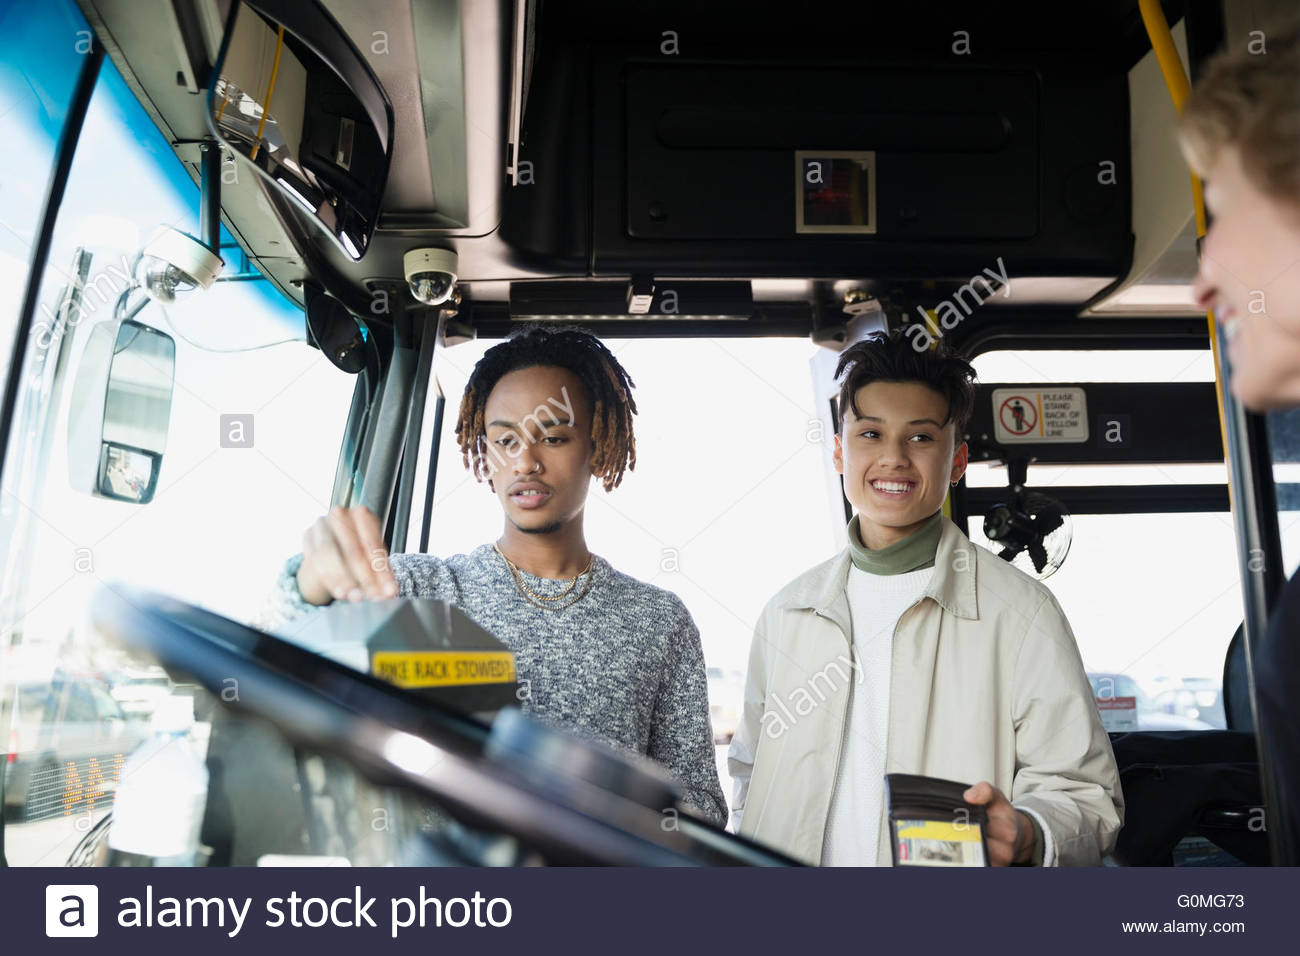 Les jeunes hommes l'embarquement du pilote de bus ticket donnant Photo Stock